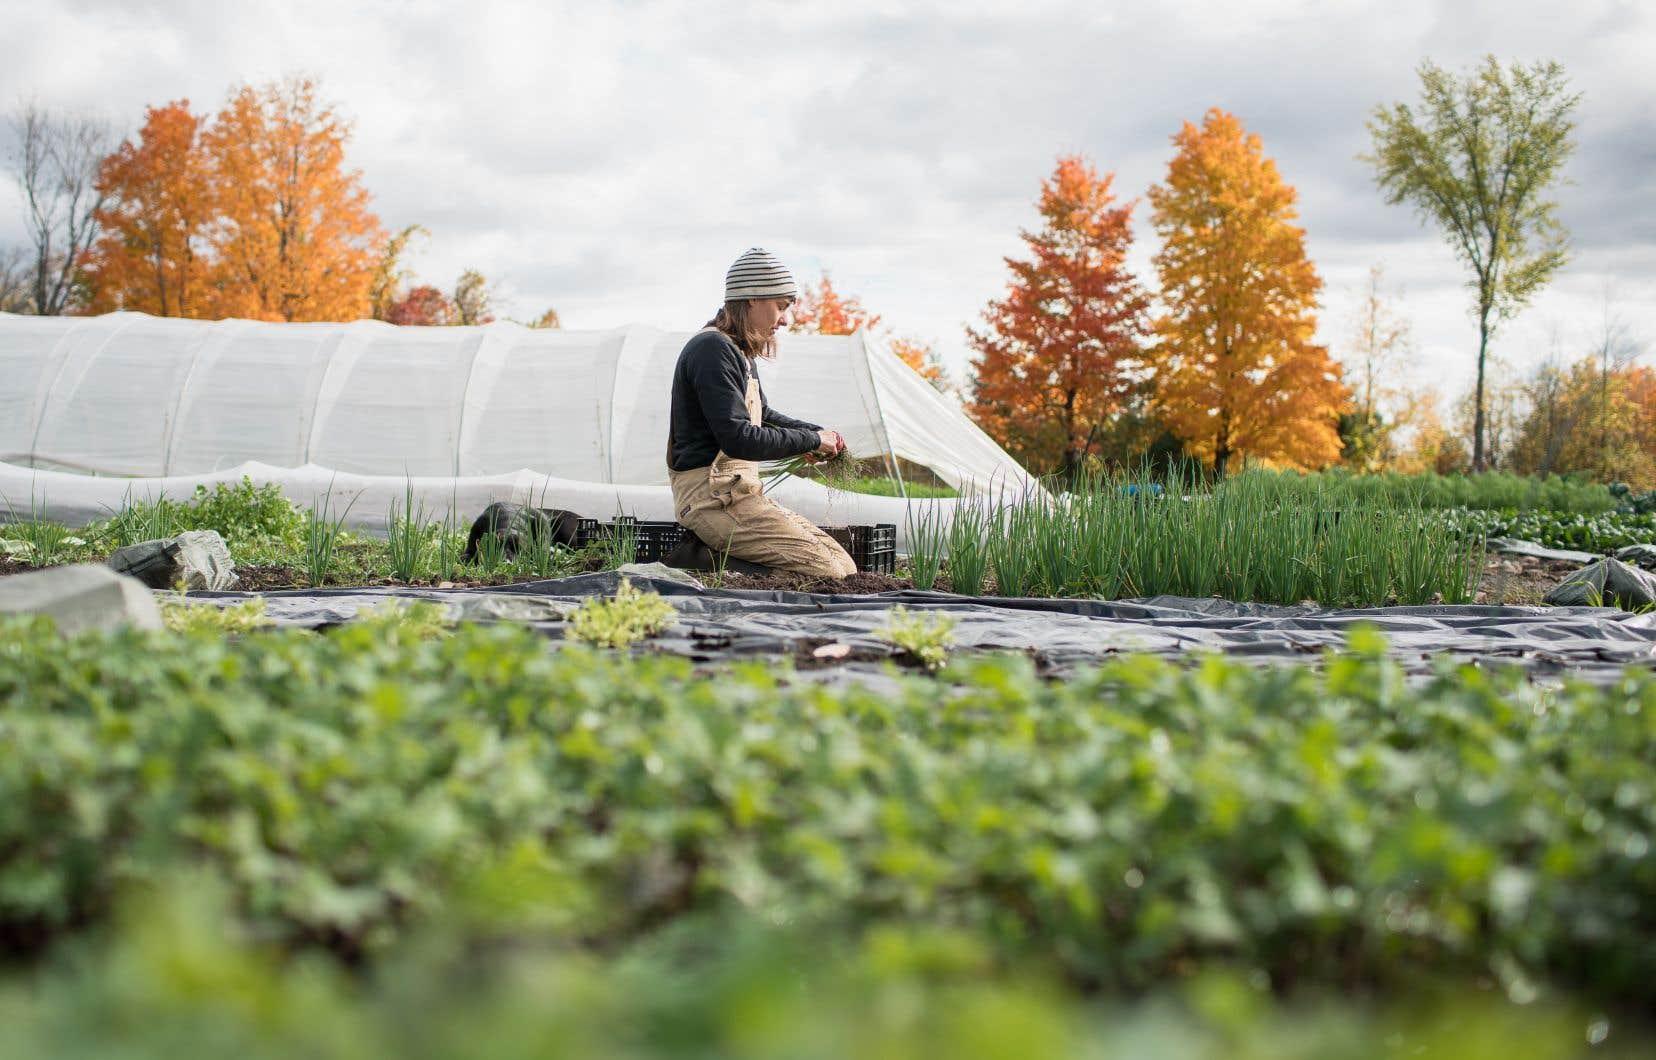 La série «Les fermiers», qui suit le travail de jardiniers-maraîchers, prouve que d'autres modèles d'agriculture sont possibles.